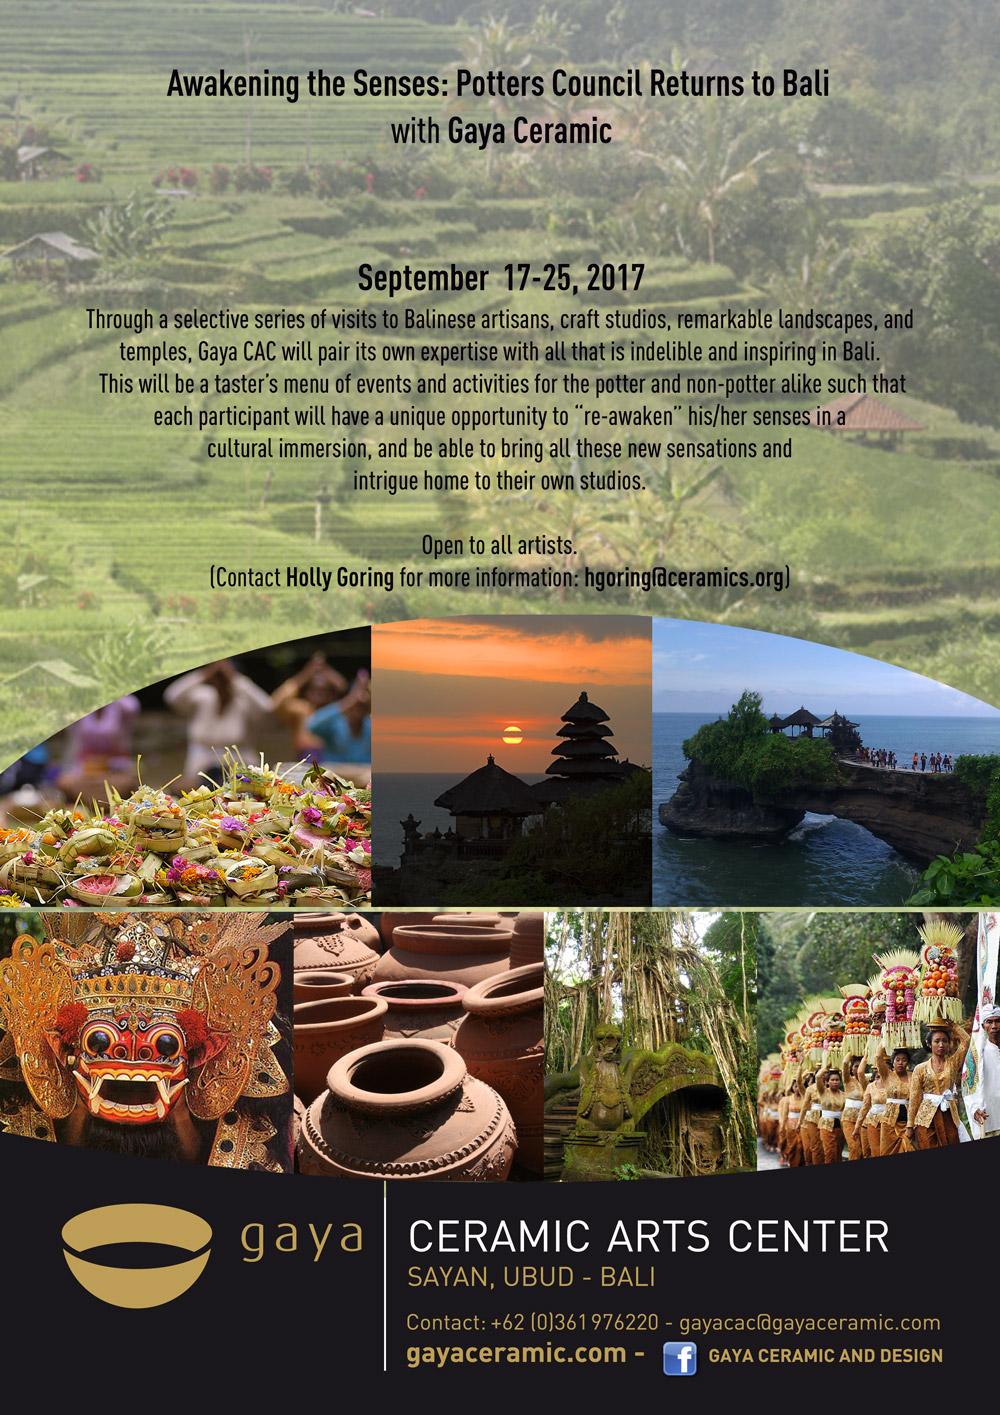 2017-09-GayaCeramic-Potters-Council.jpg